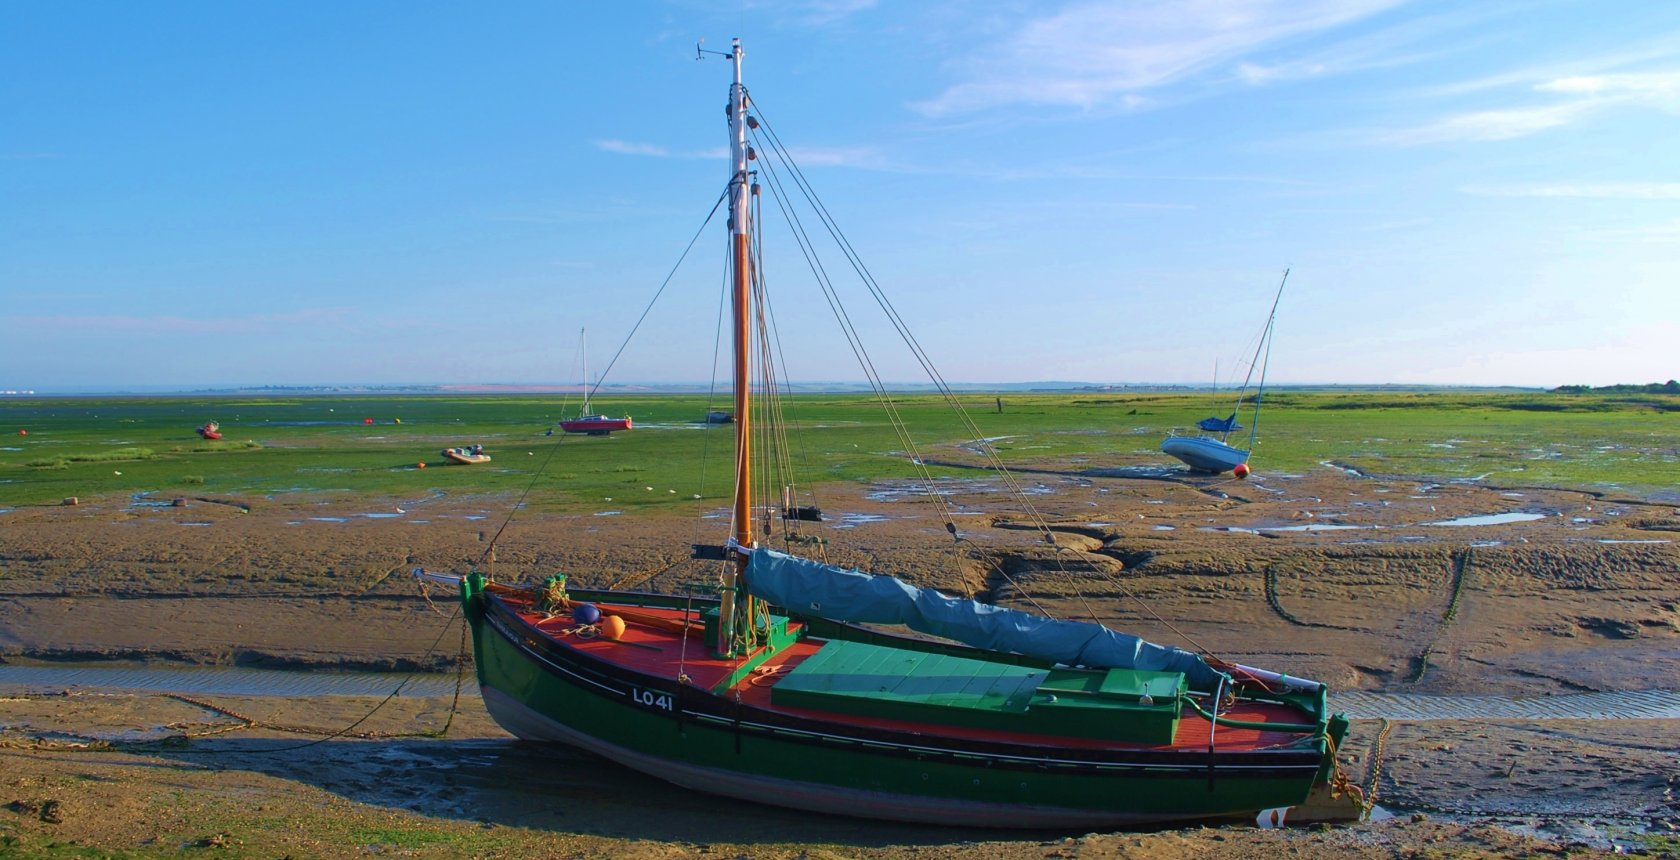 Leigh On Sea